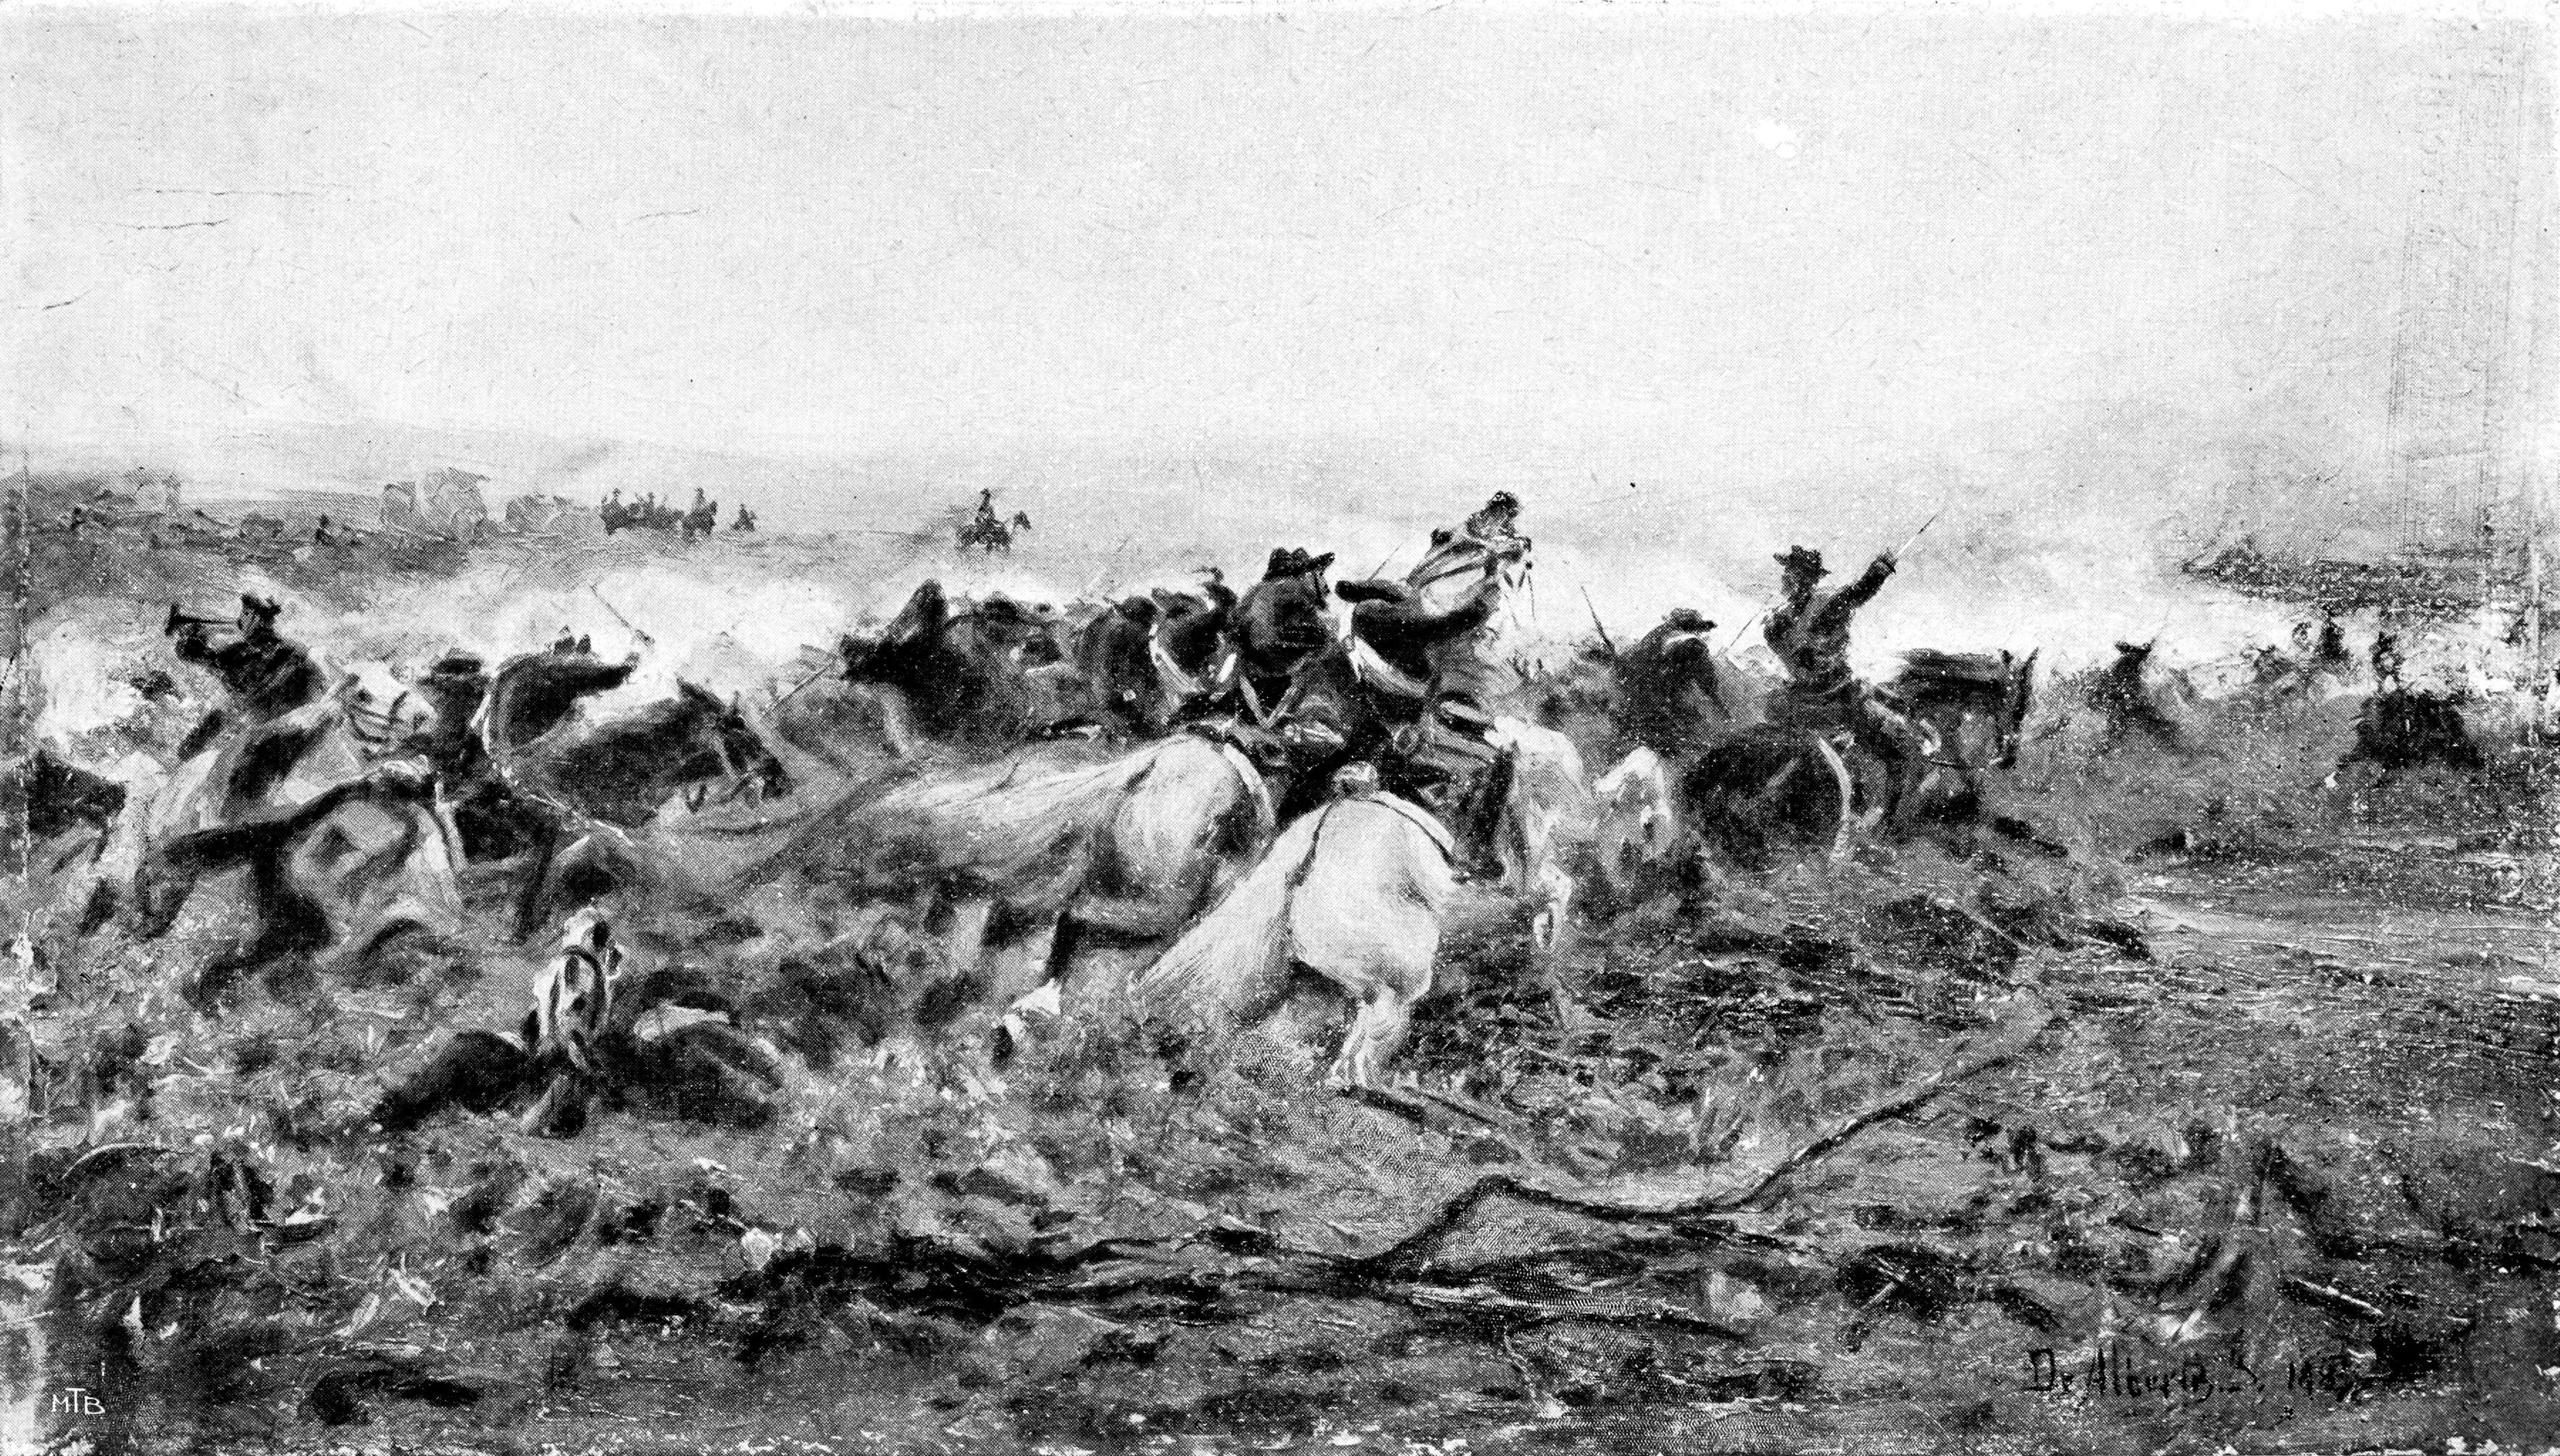 Battaglia di Pastrengo